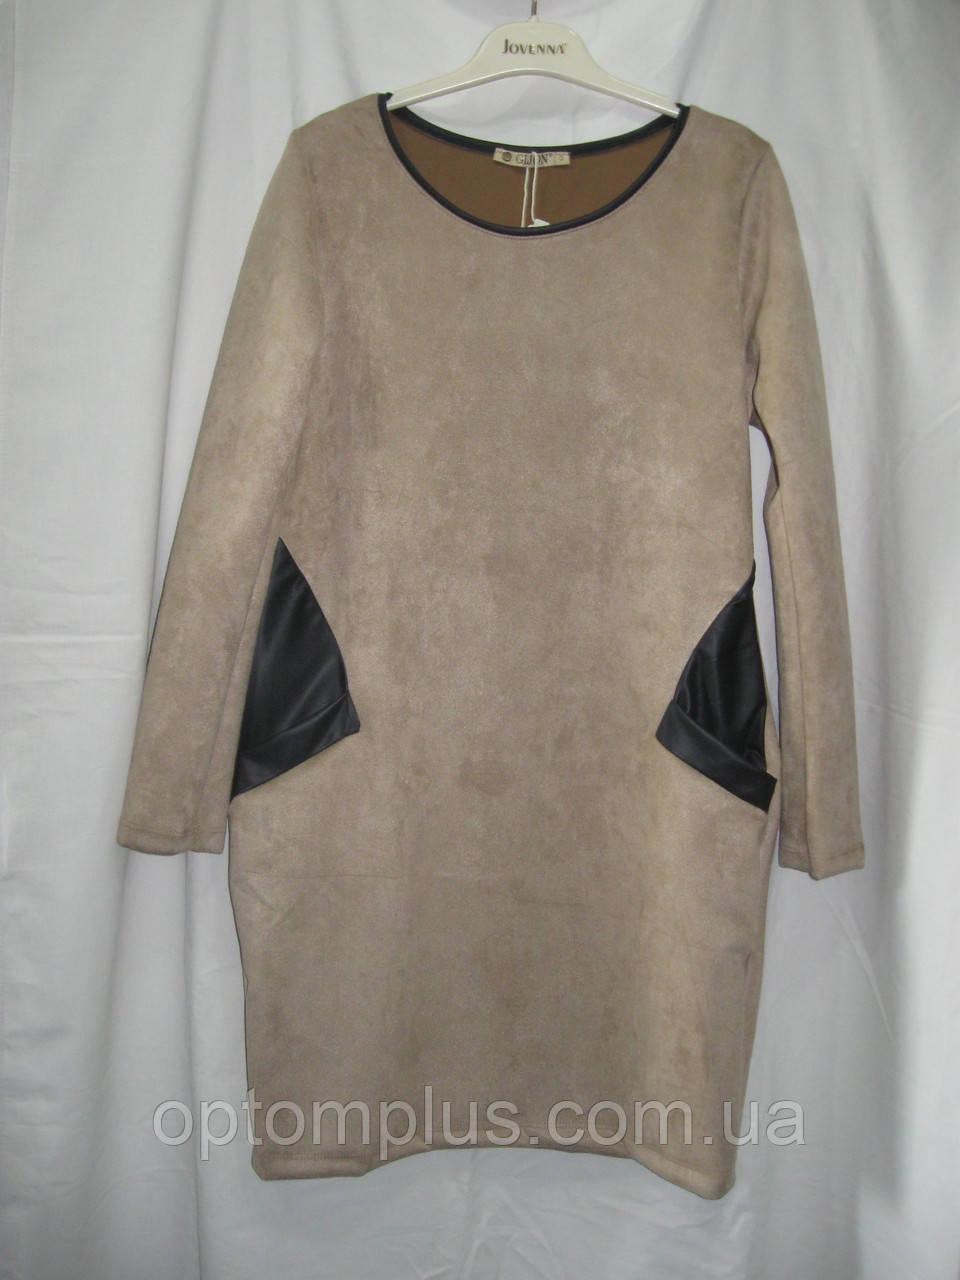 Купить Платье На 7 Км